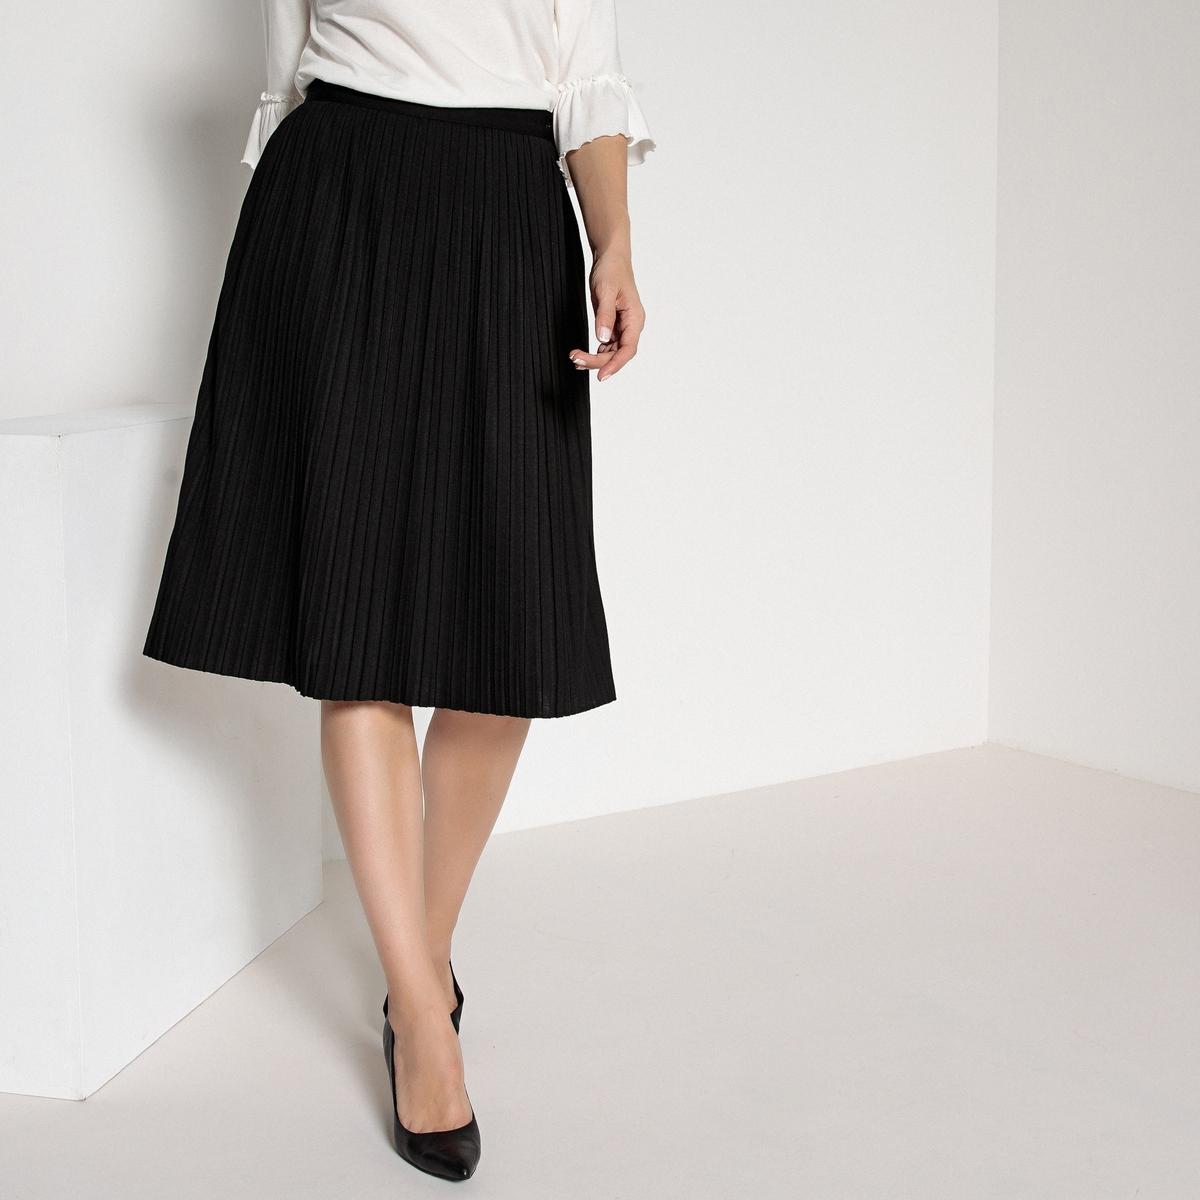 Imagen secundaria de producto de Falda plisada con largo por la rodilla - Anne weyburn